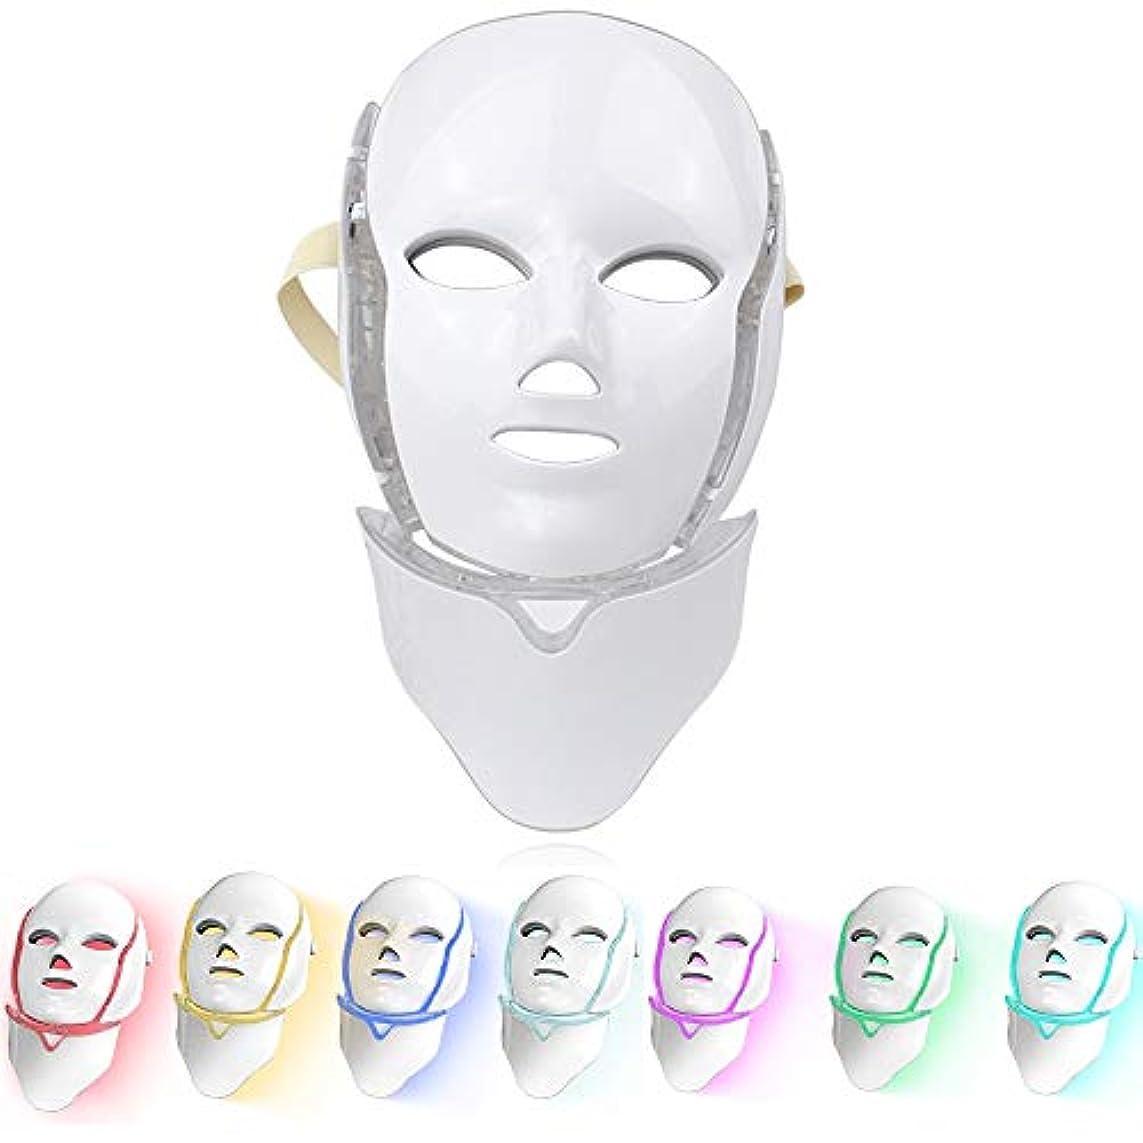 リファイン到着居眠りする7色LED顔面美容スキンケアの若返りシワ除去女性のためのアンチエイジング電気デバイス